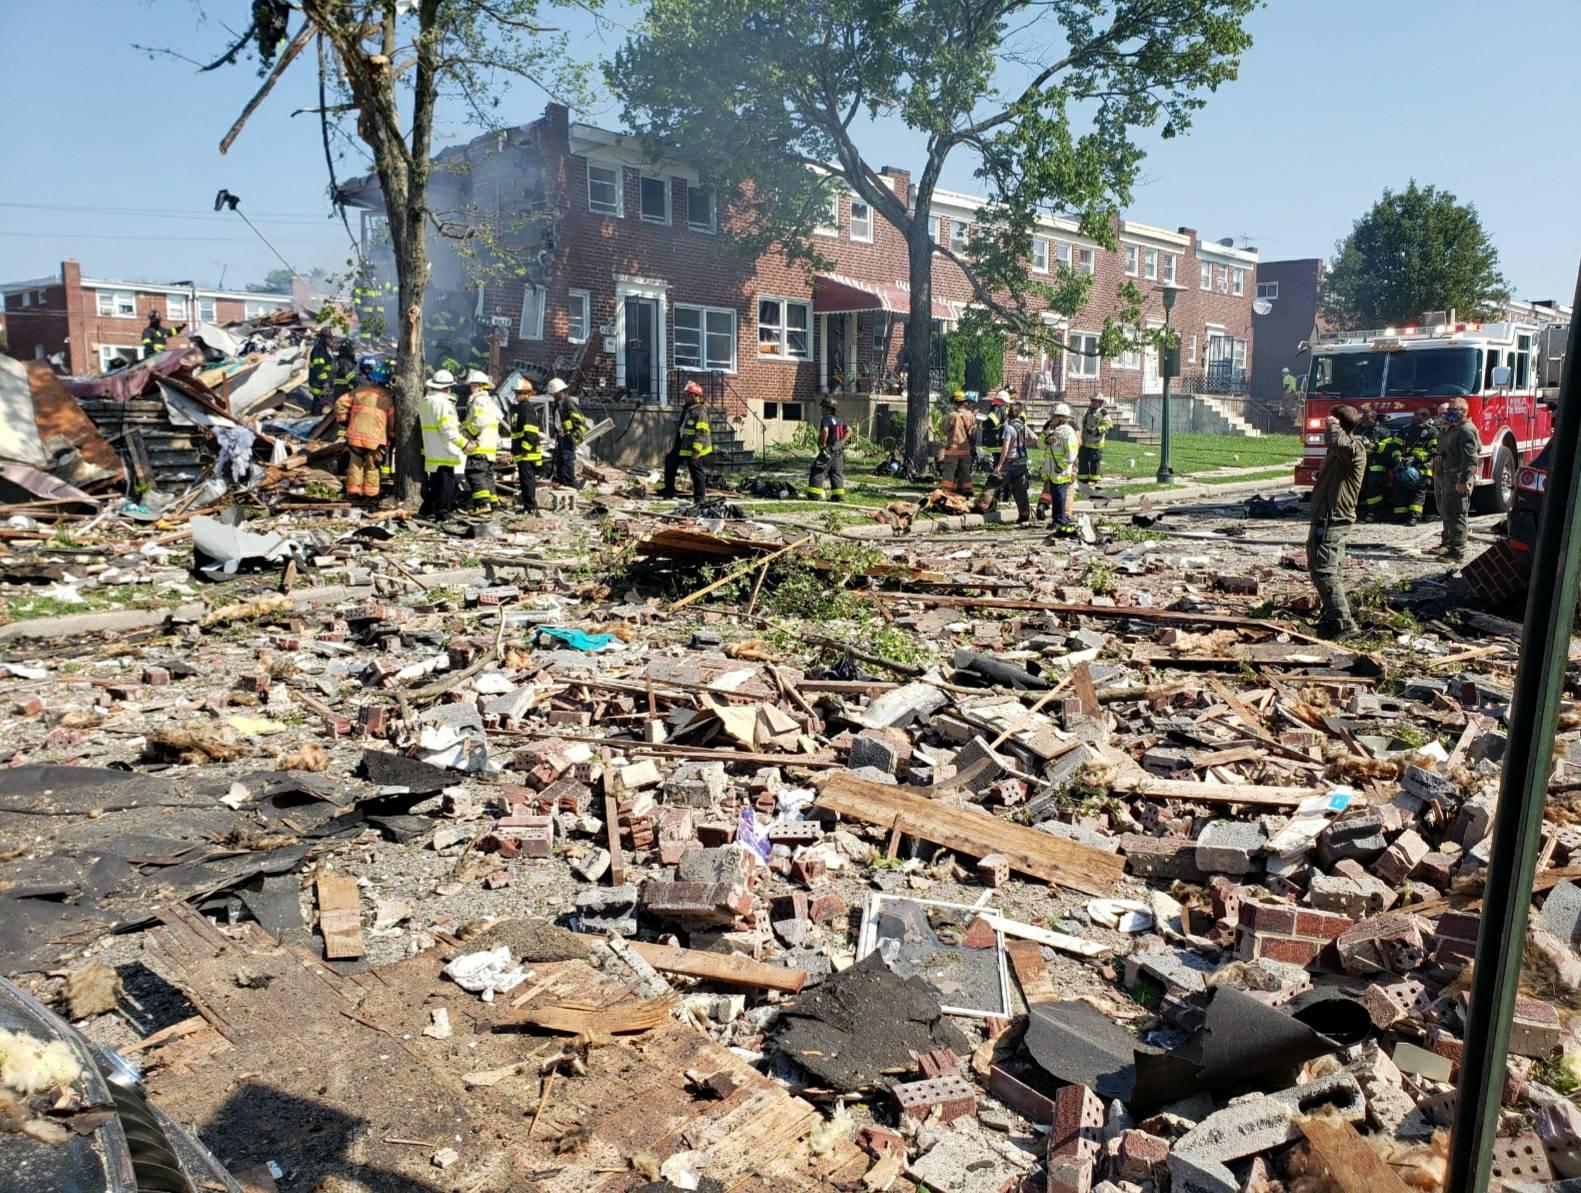 巴爾的摩市西北部社區發生嚴重瓦斯爆炸,巴爾的摩郡消防局也出動協助。(巴爾的摩郡消防局提供)